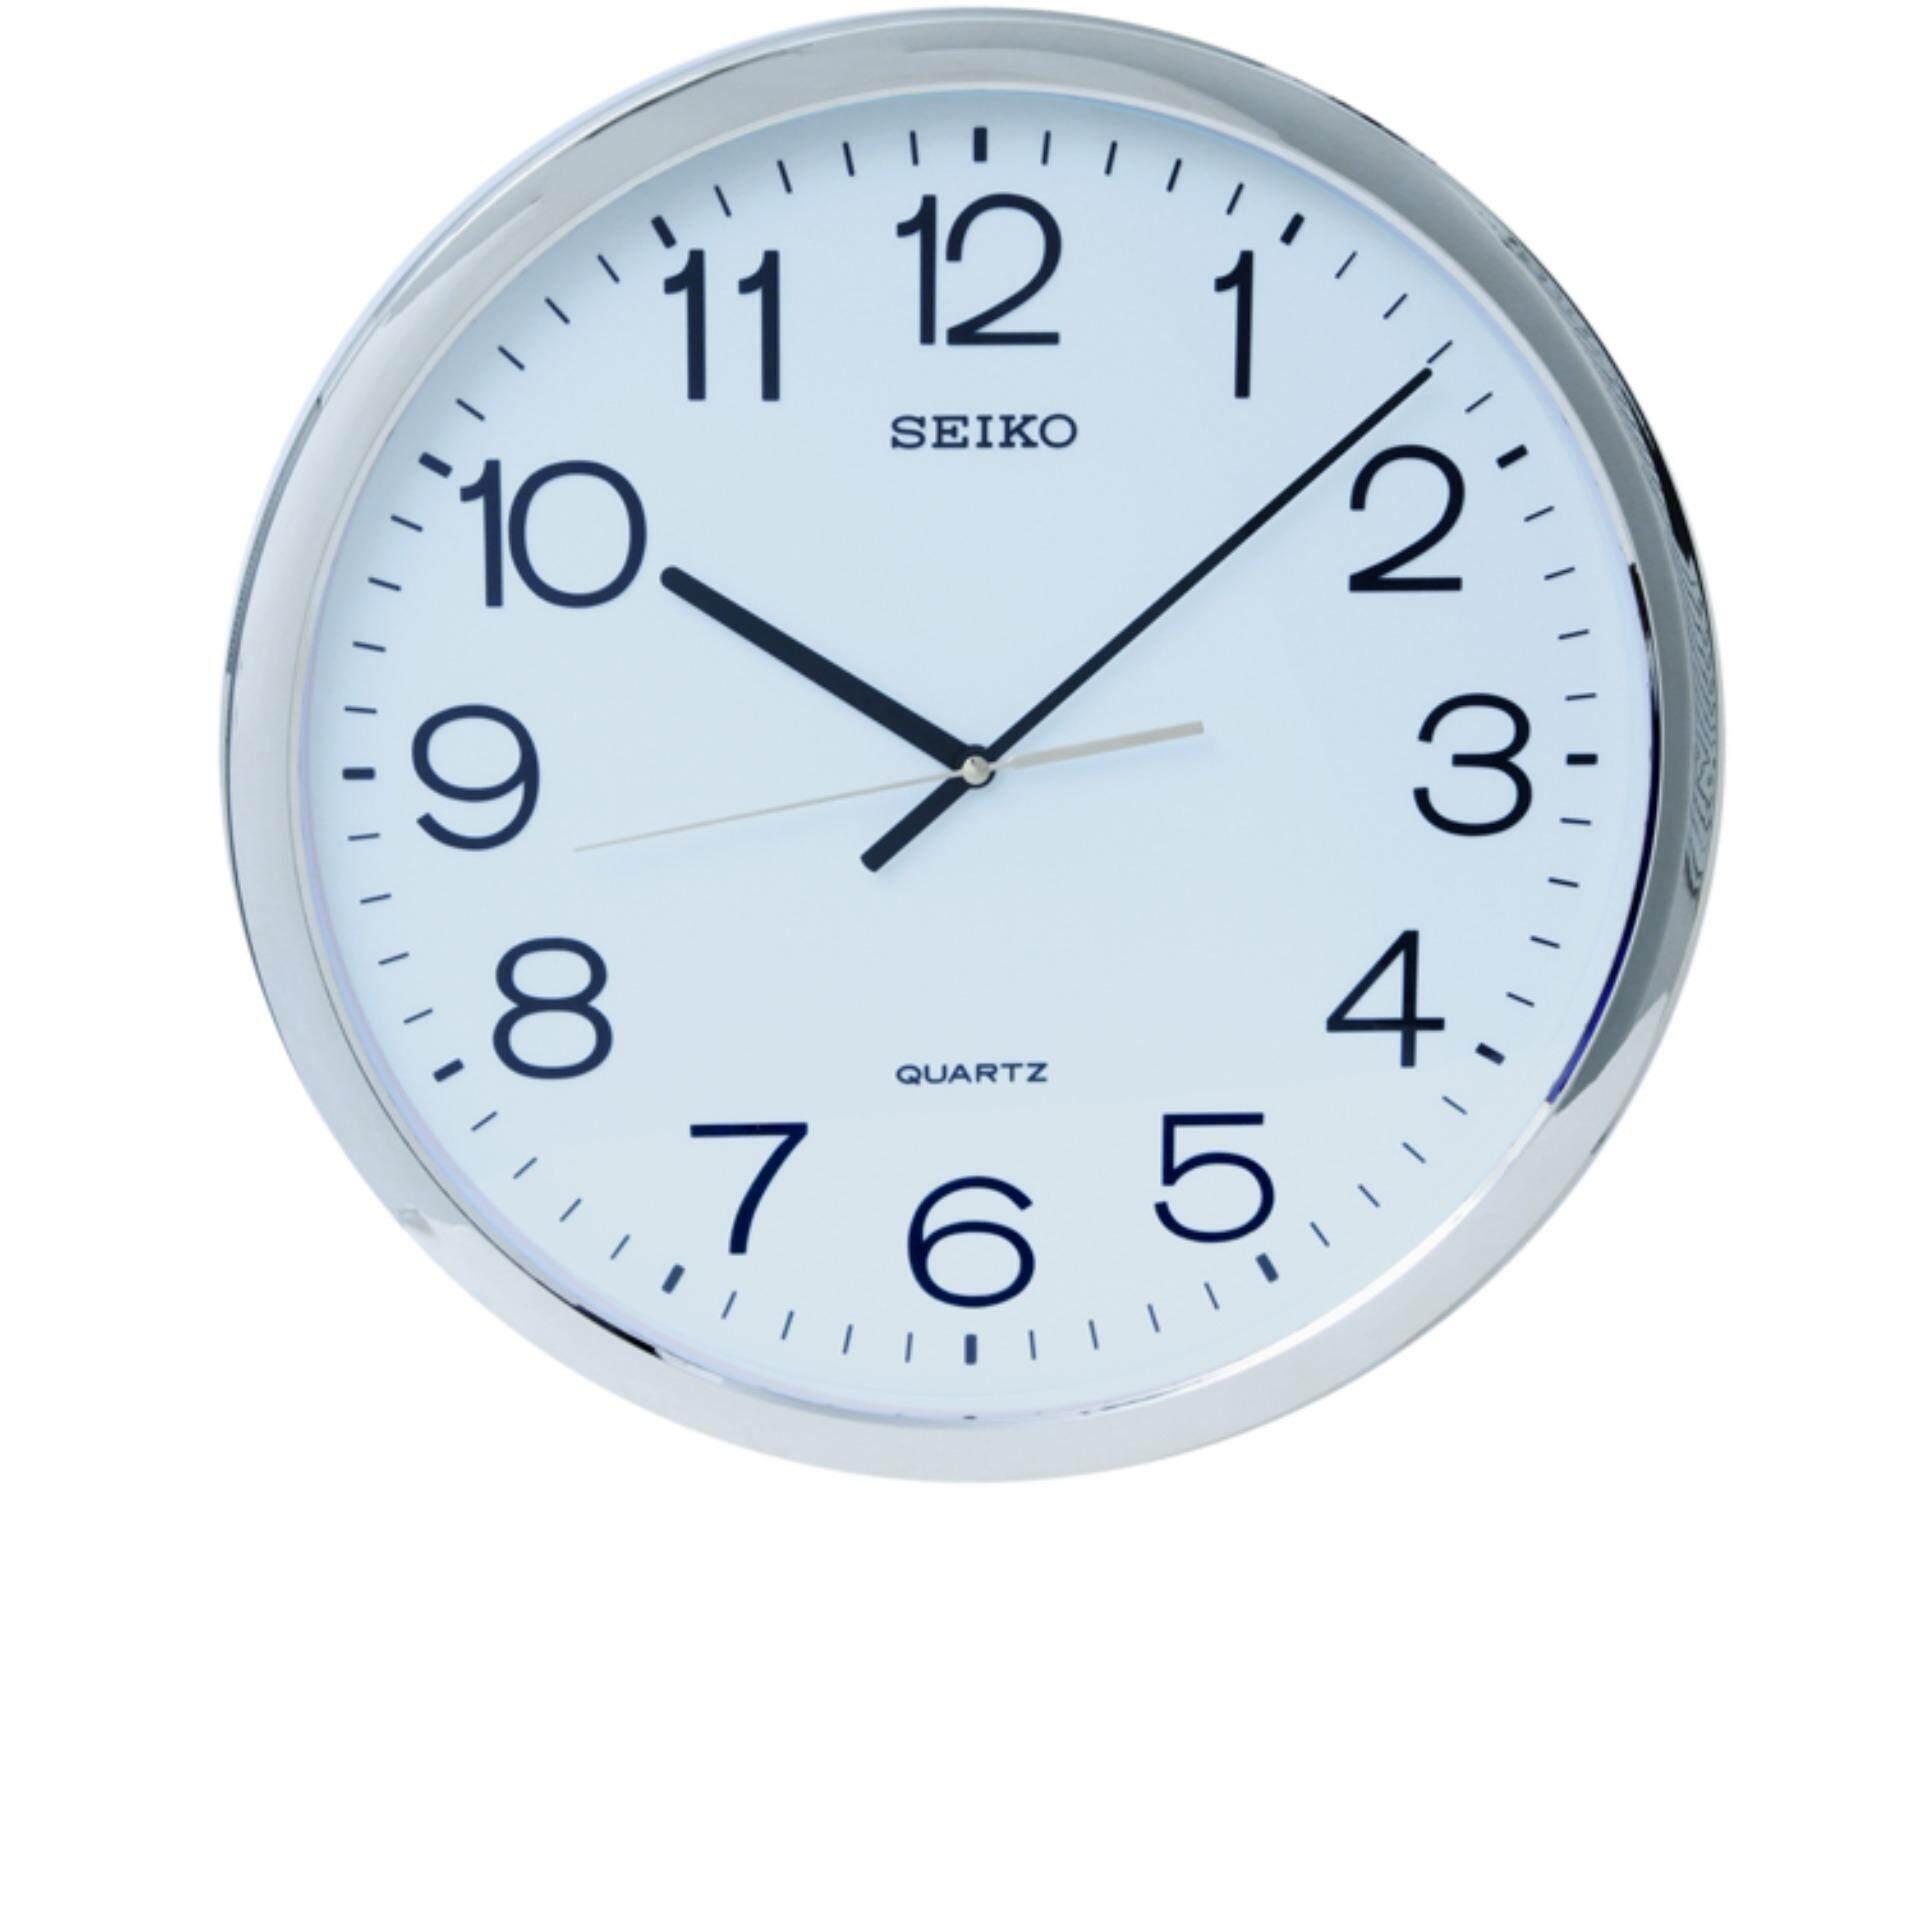 ขาย Seiko Clocks นาฬิกาแขวน รุ่น Pqa041S ราคาถูกที่สุด